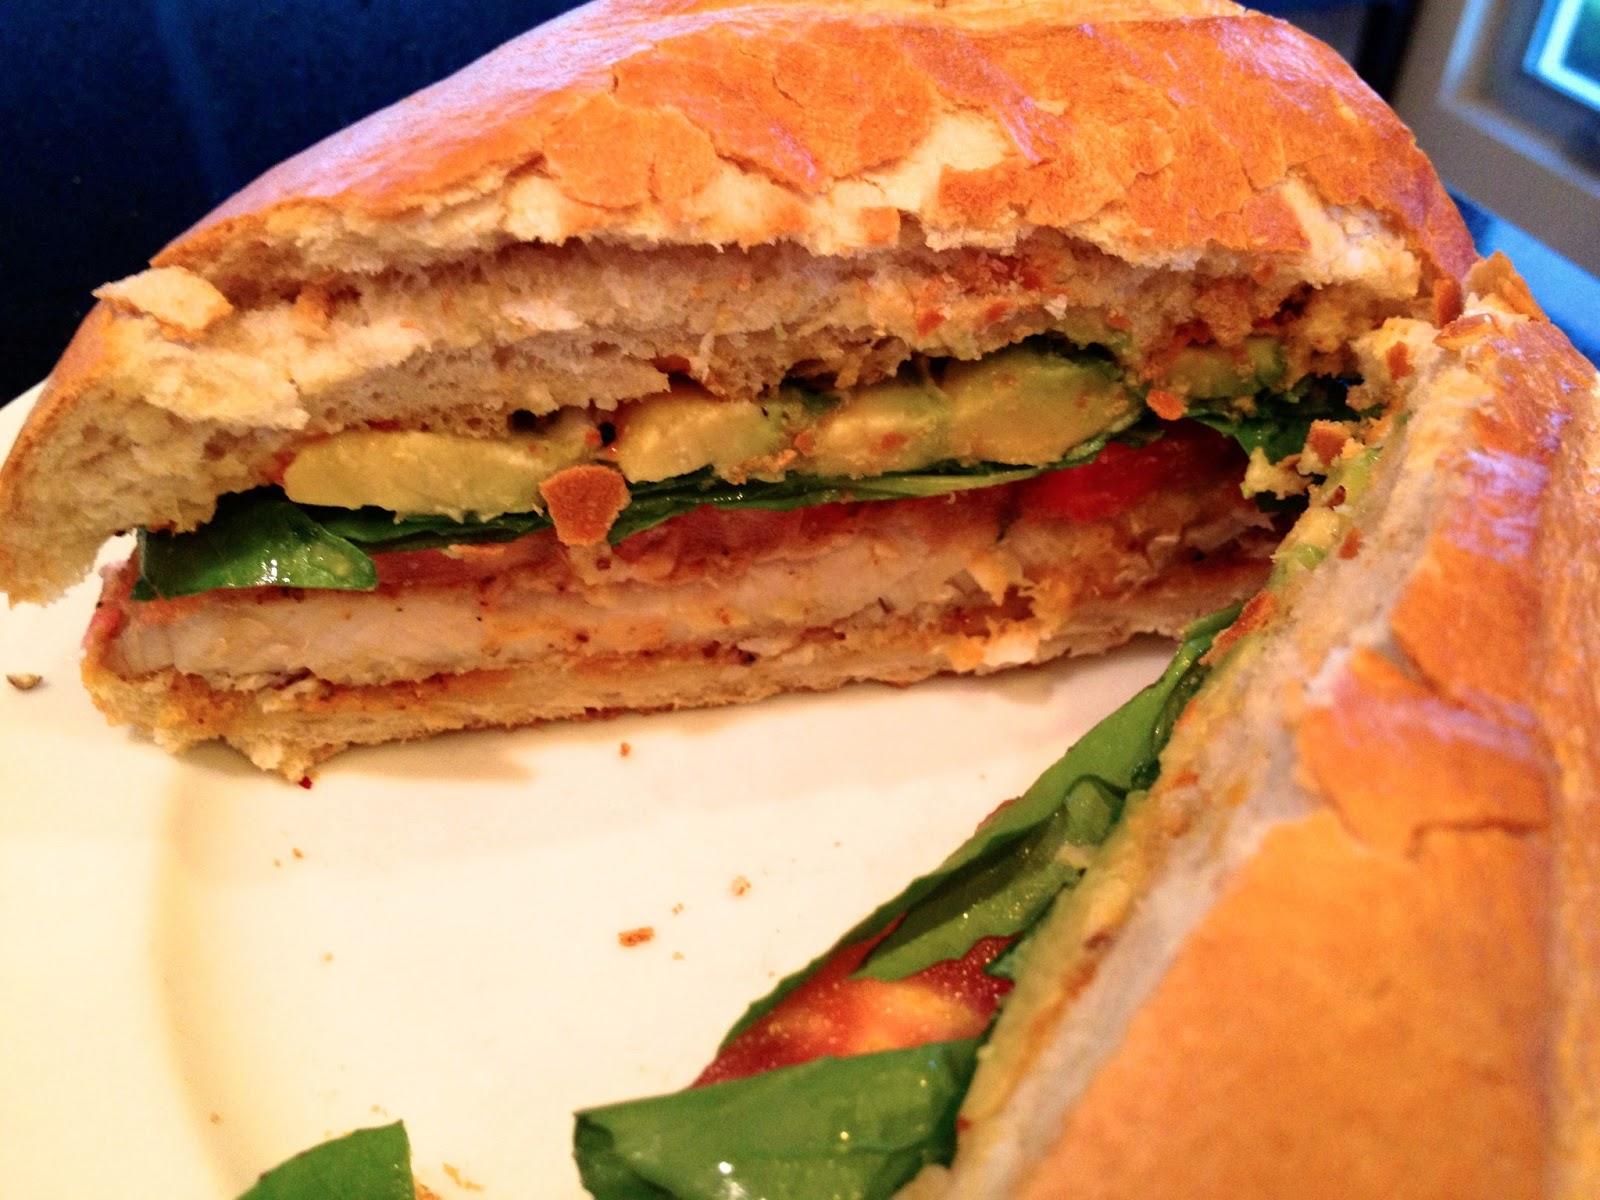 ... vegetable salad cajuncatfishpoboy article catfish po boy catfish po